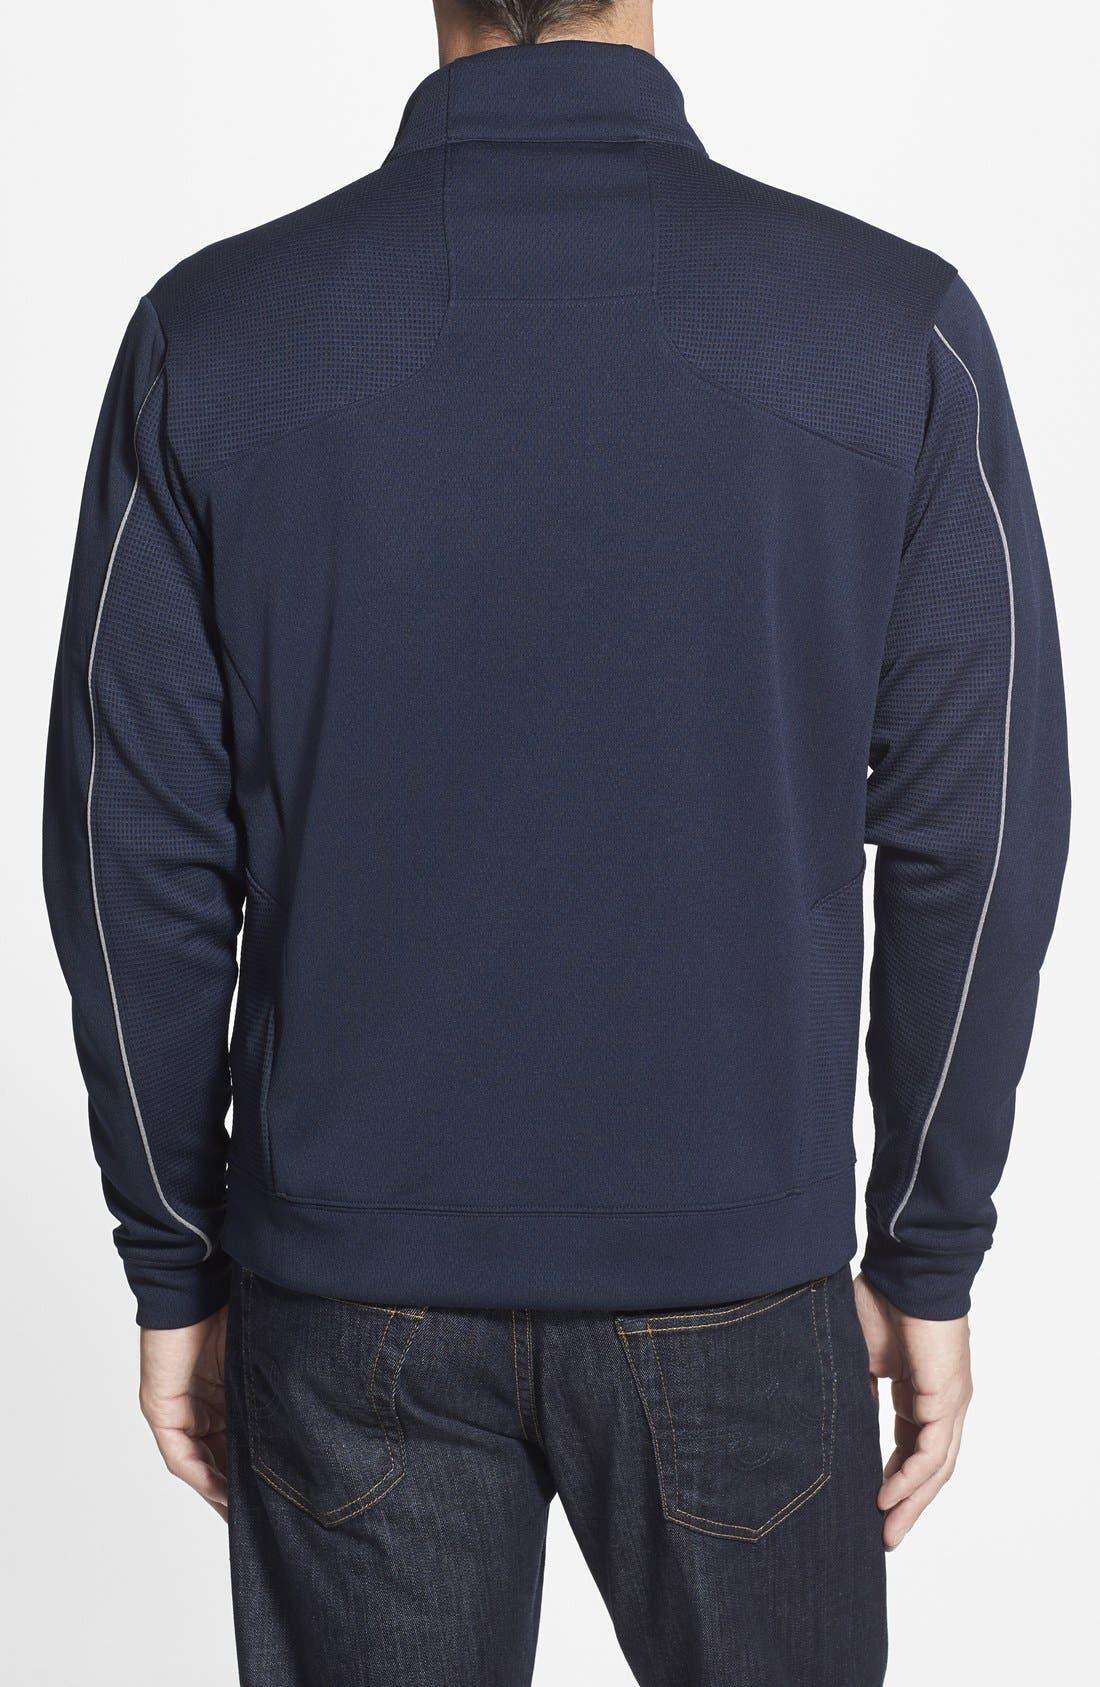 New York Giants - Edge DryTec Moisture Wicking Half Zip Pullover,                             Alternate thumbnail 2, color,                             420